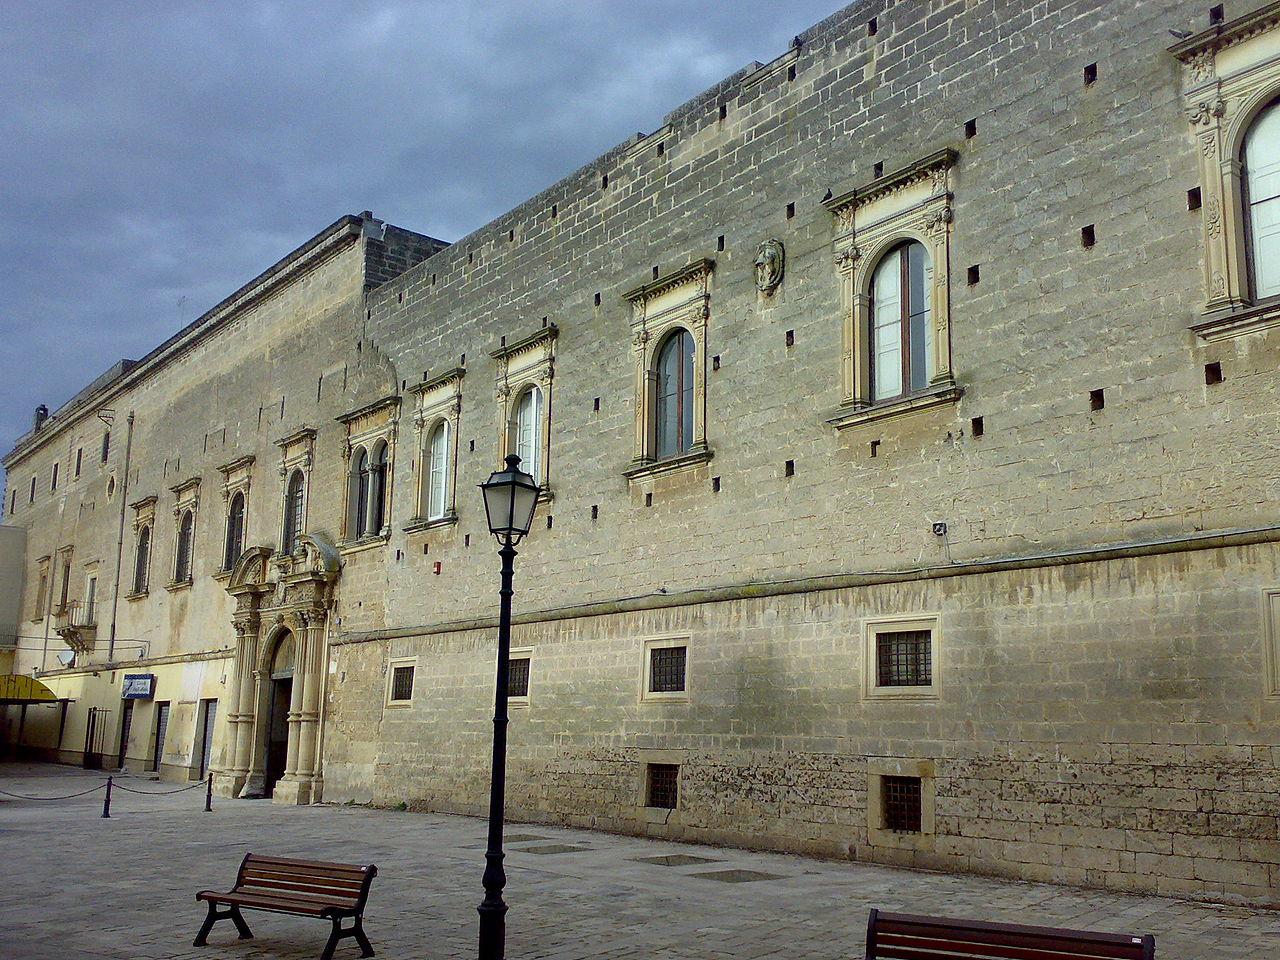 1280px-Palazzo_Marchesale_Monteroni_di_Lecce